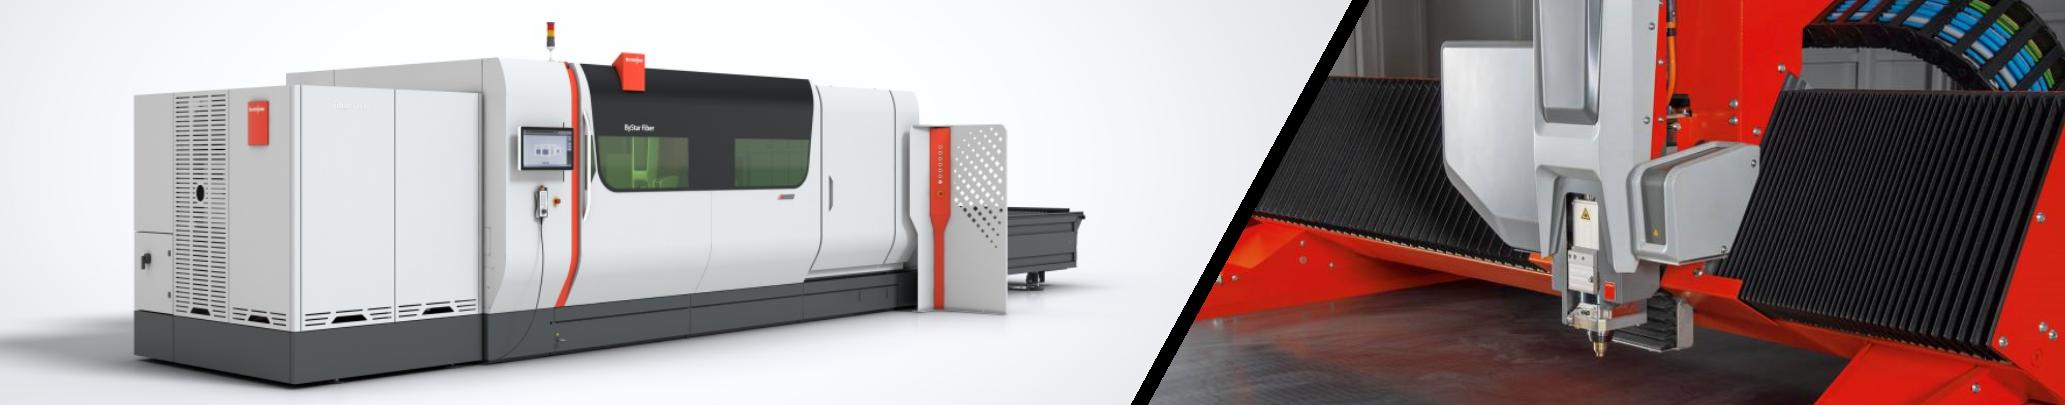 Machine de découpe laser Bystronic Bystar 3015